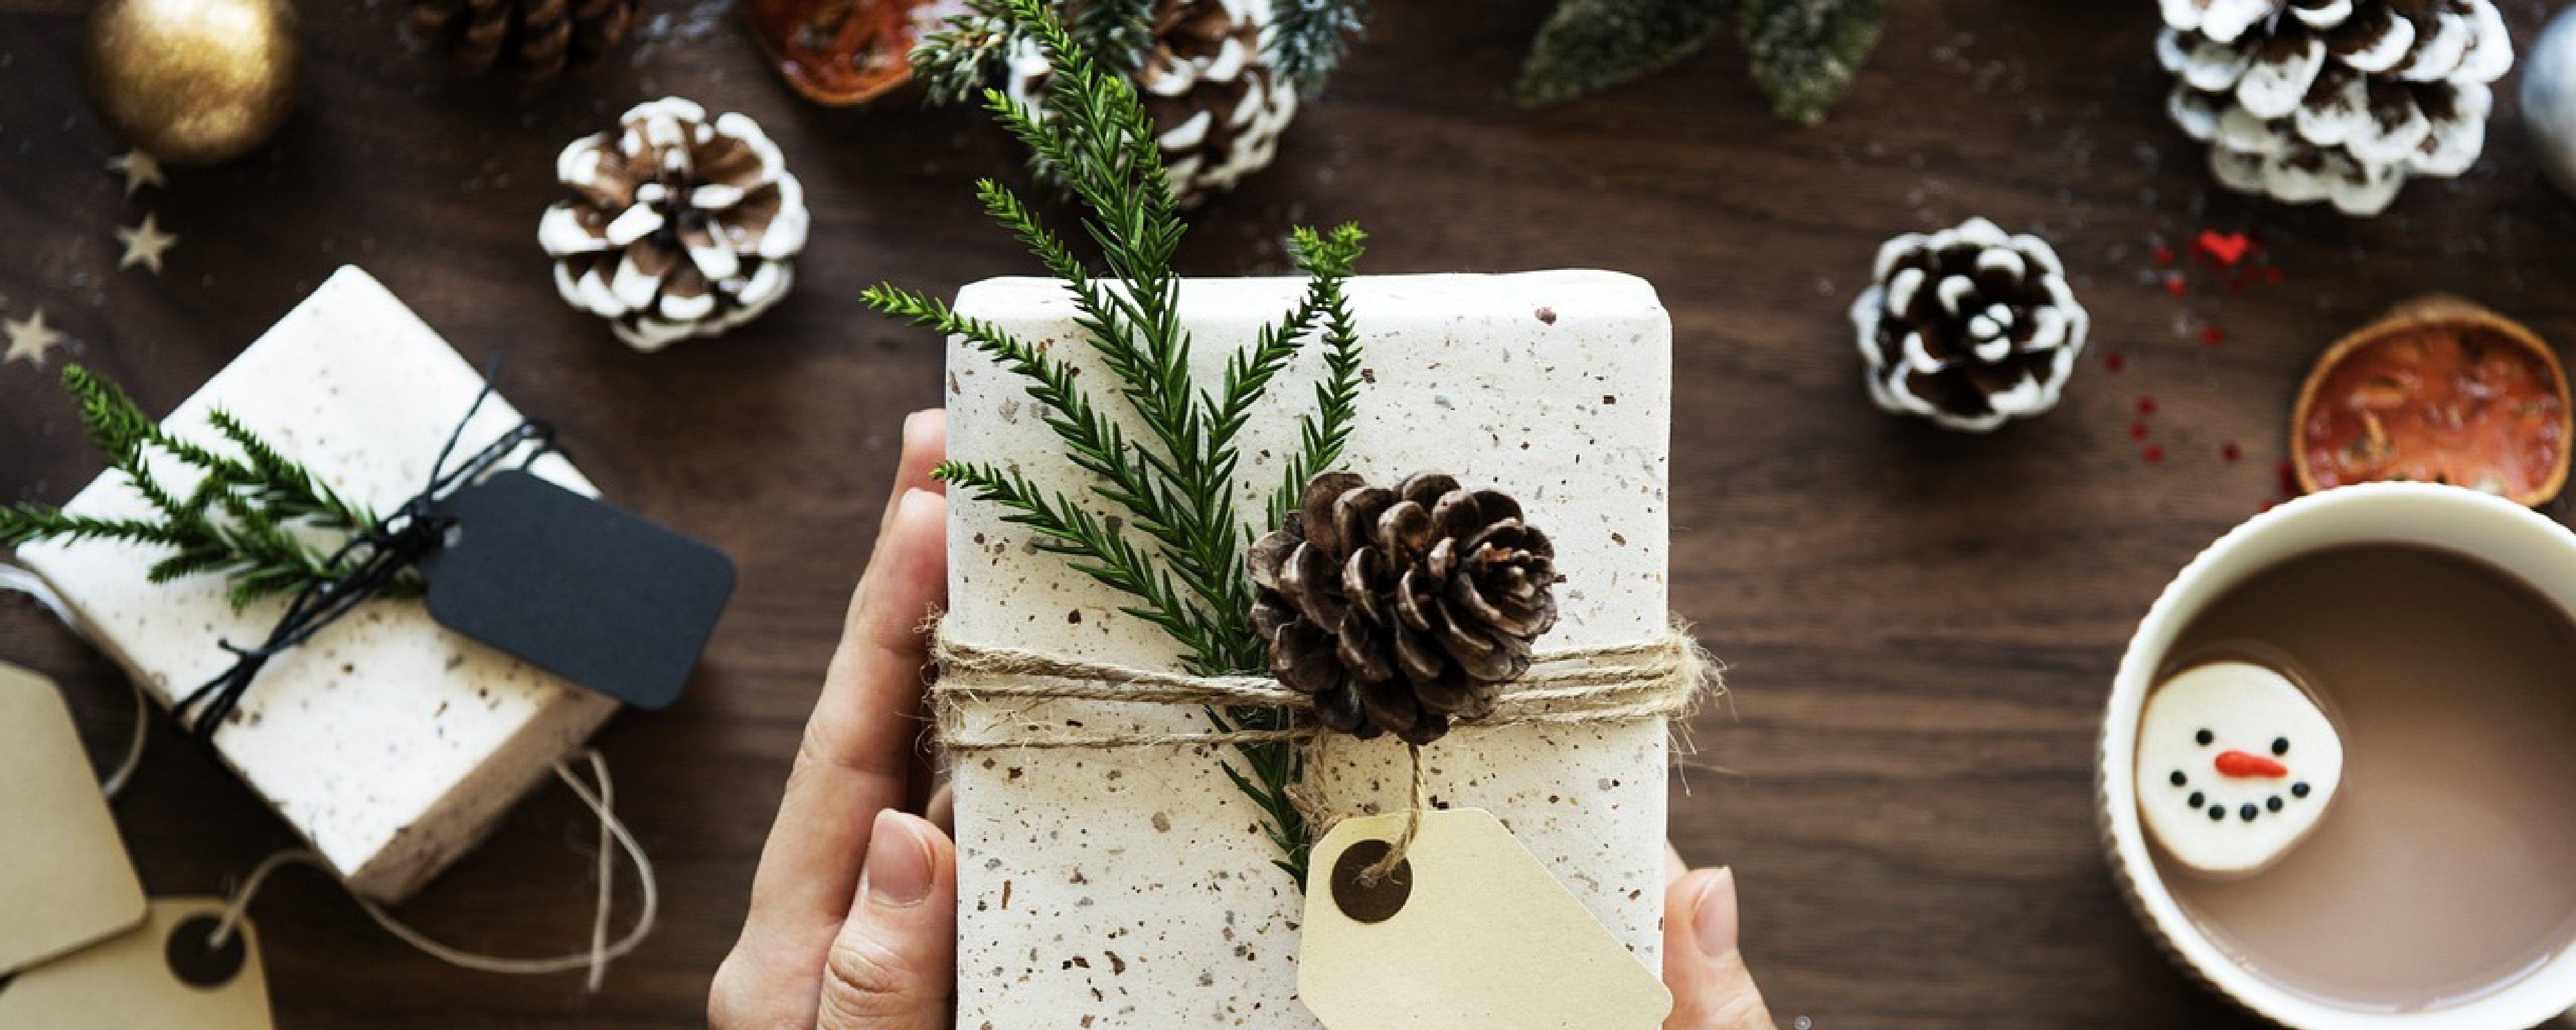 Čarobna decembrska darila